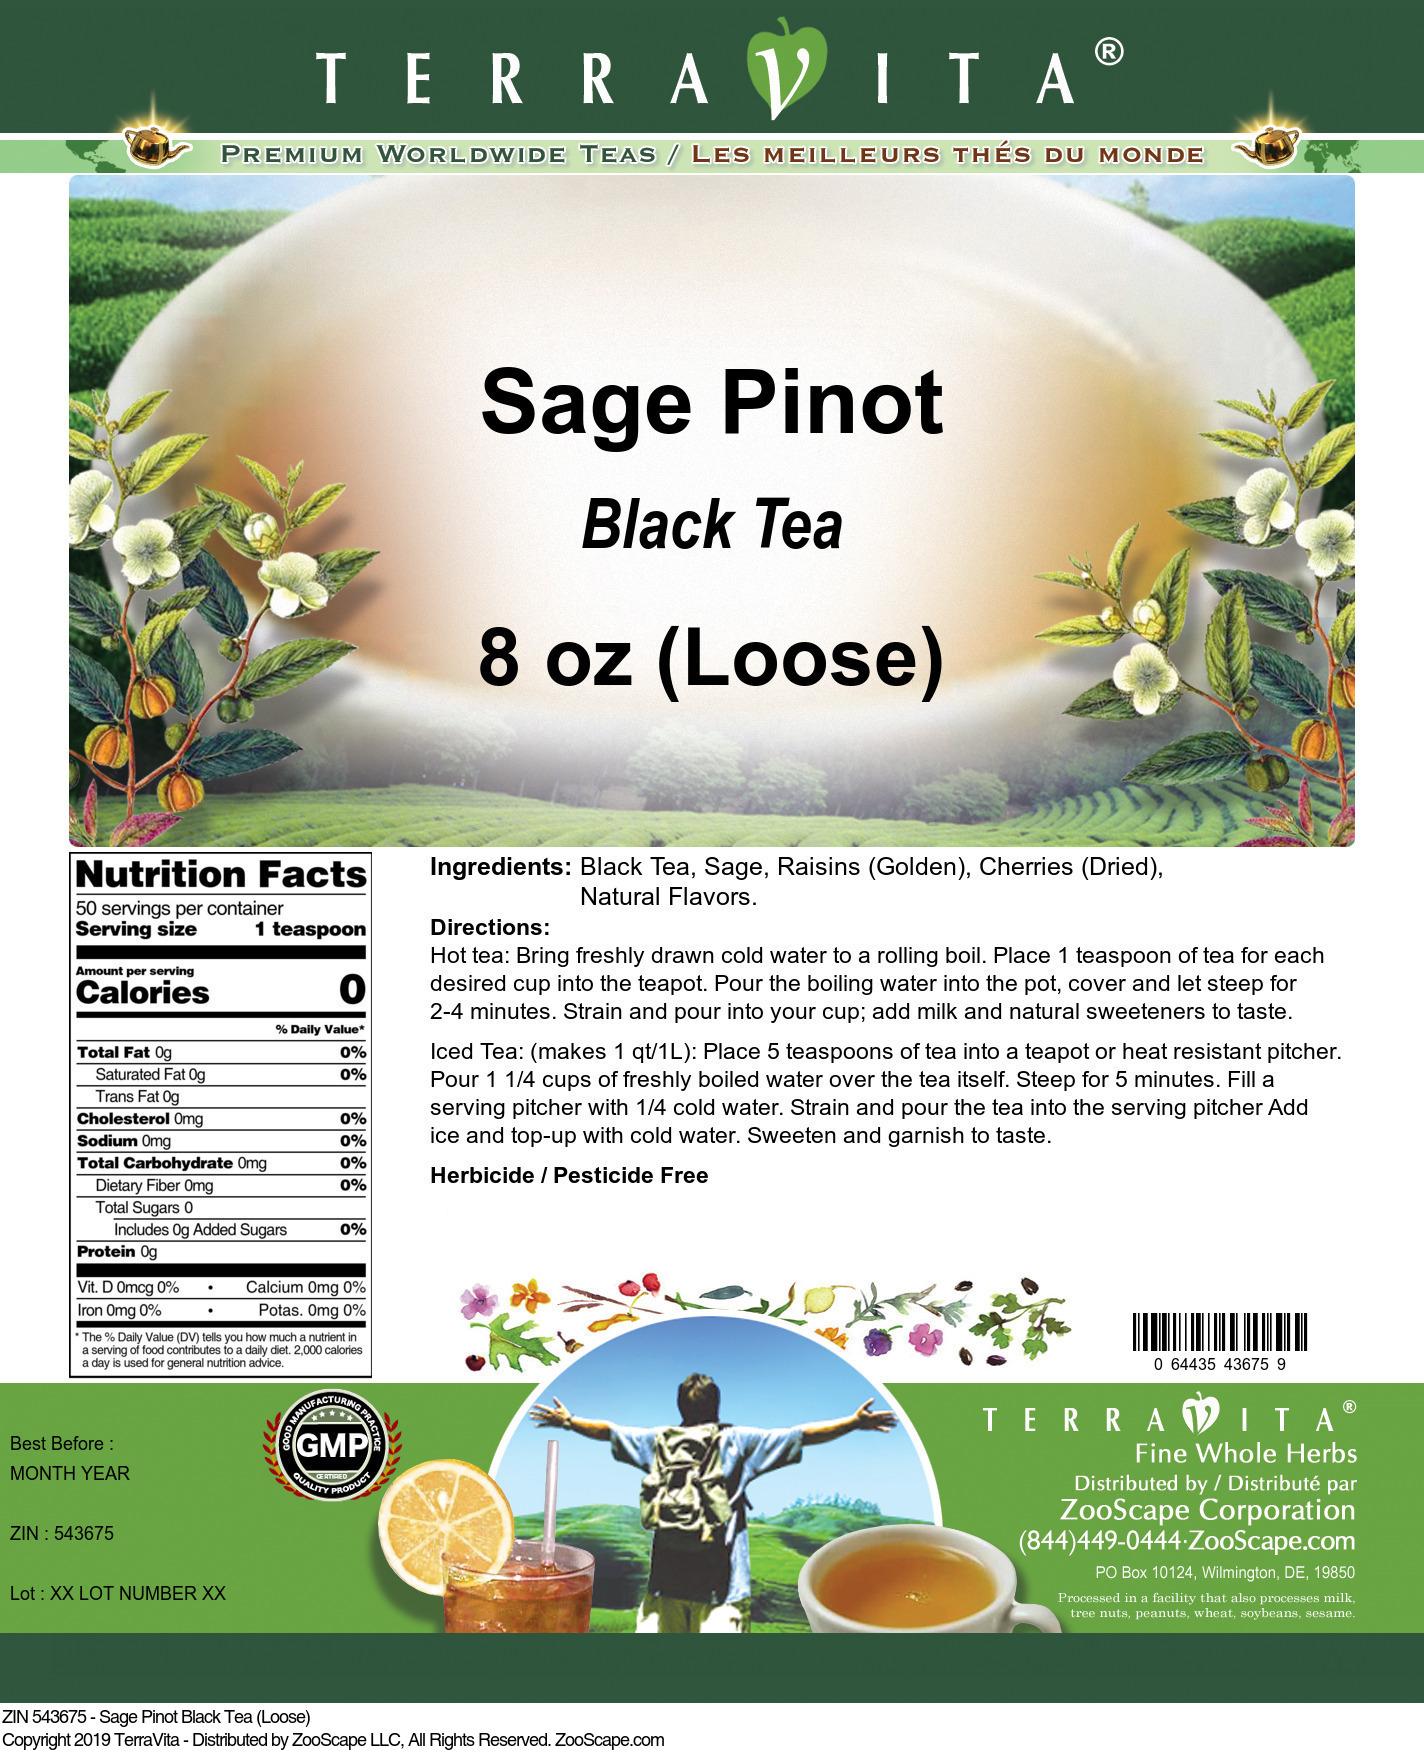 Sage Pinot Black Tea